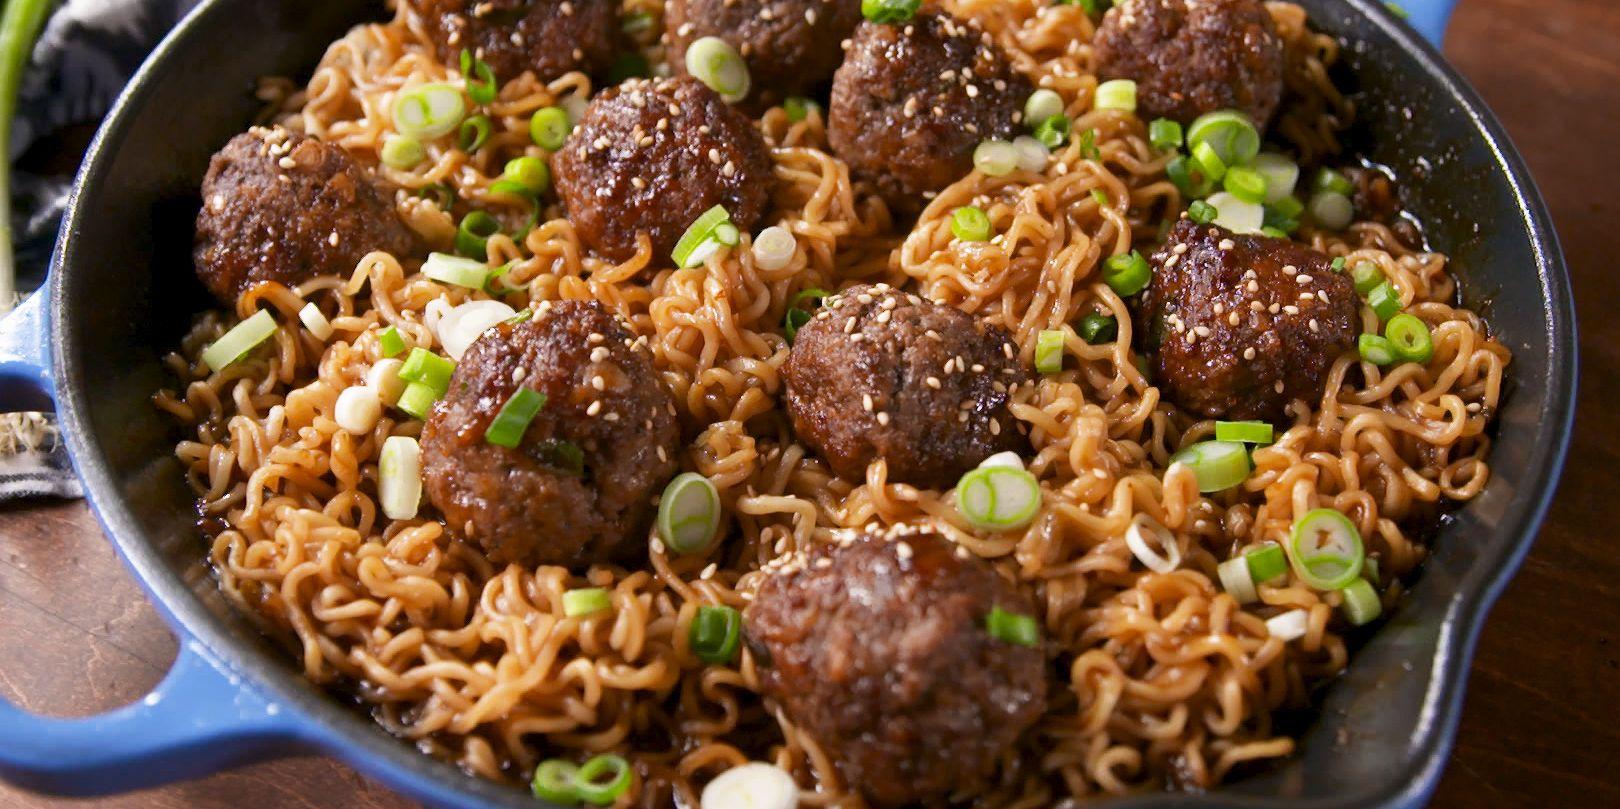 22 Recipes That Upgrade Ramen Noodles